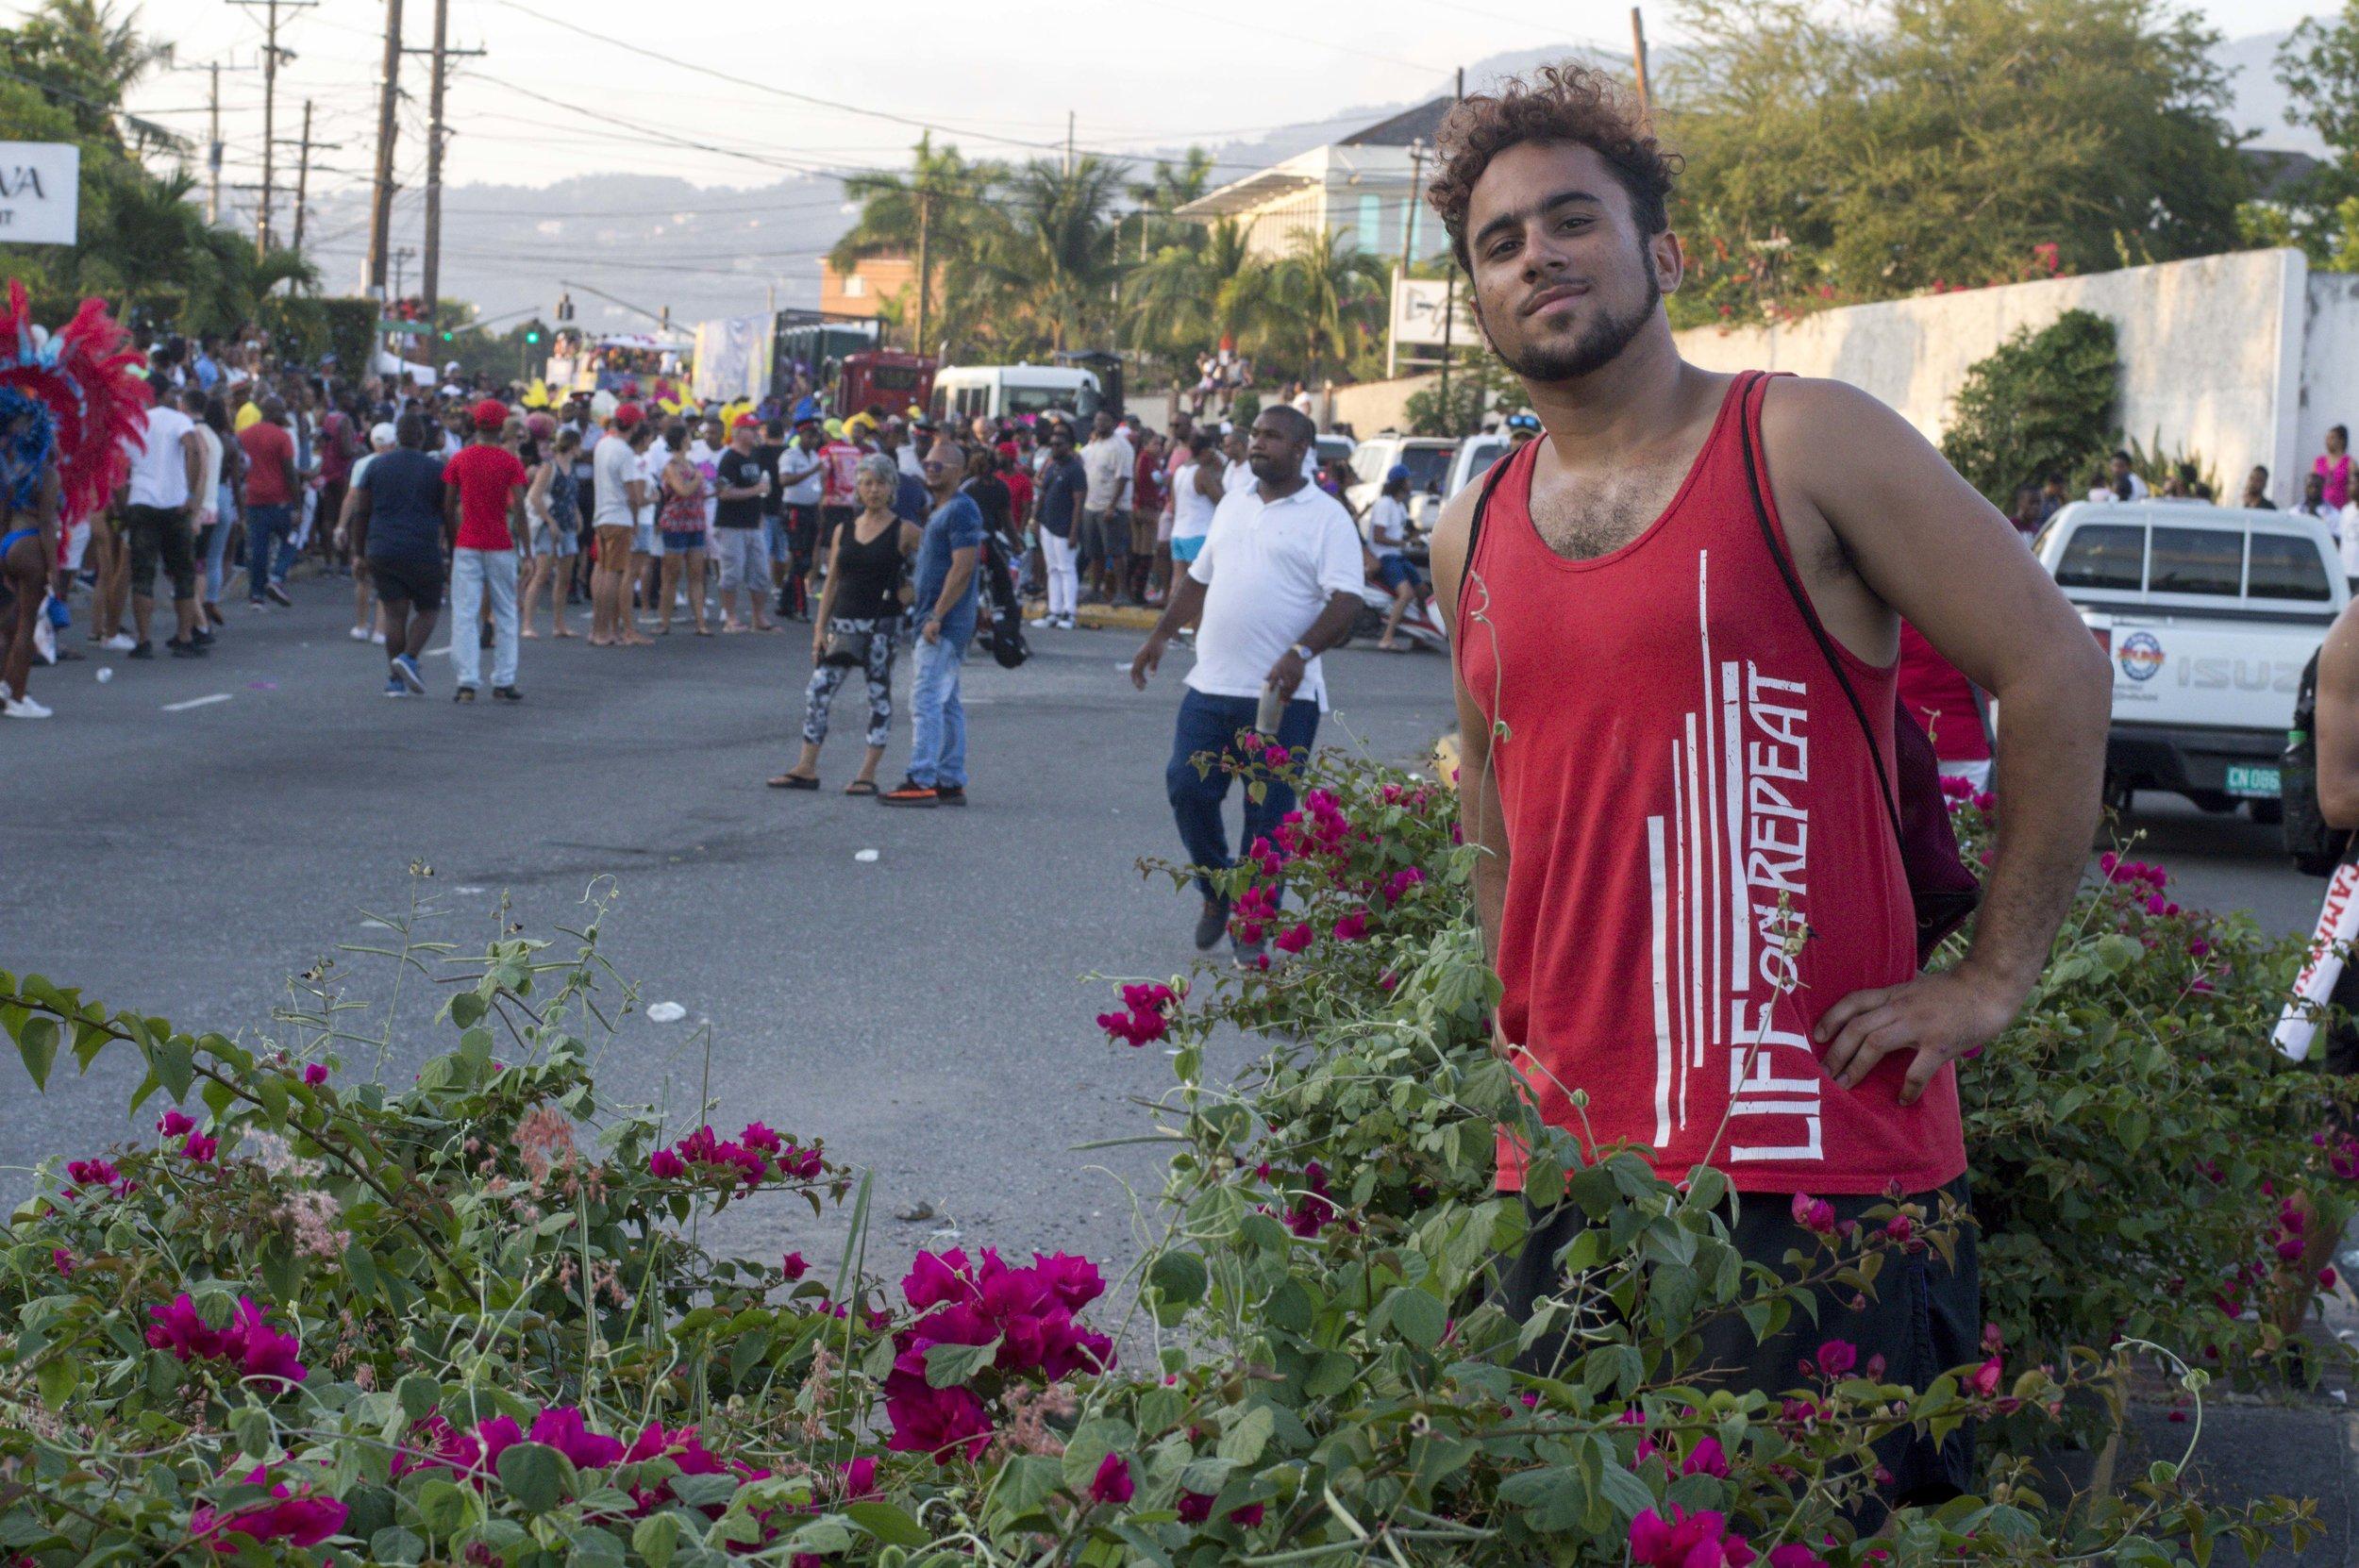 carnival2019_jeanalindo-54.jpg